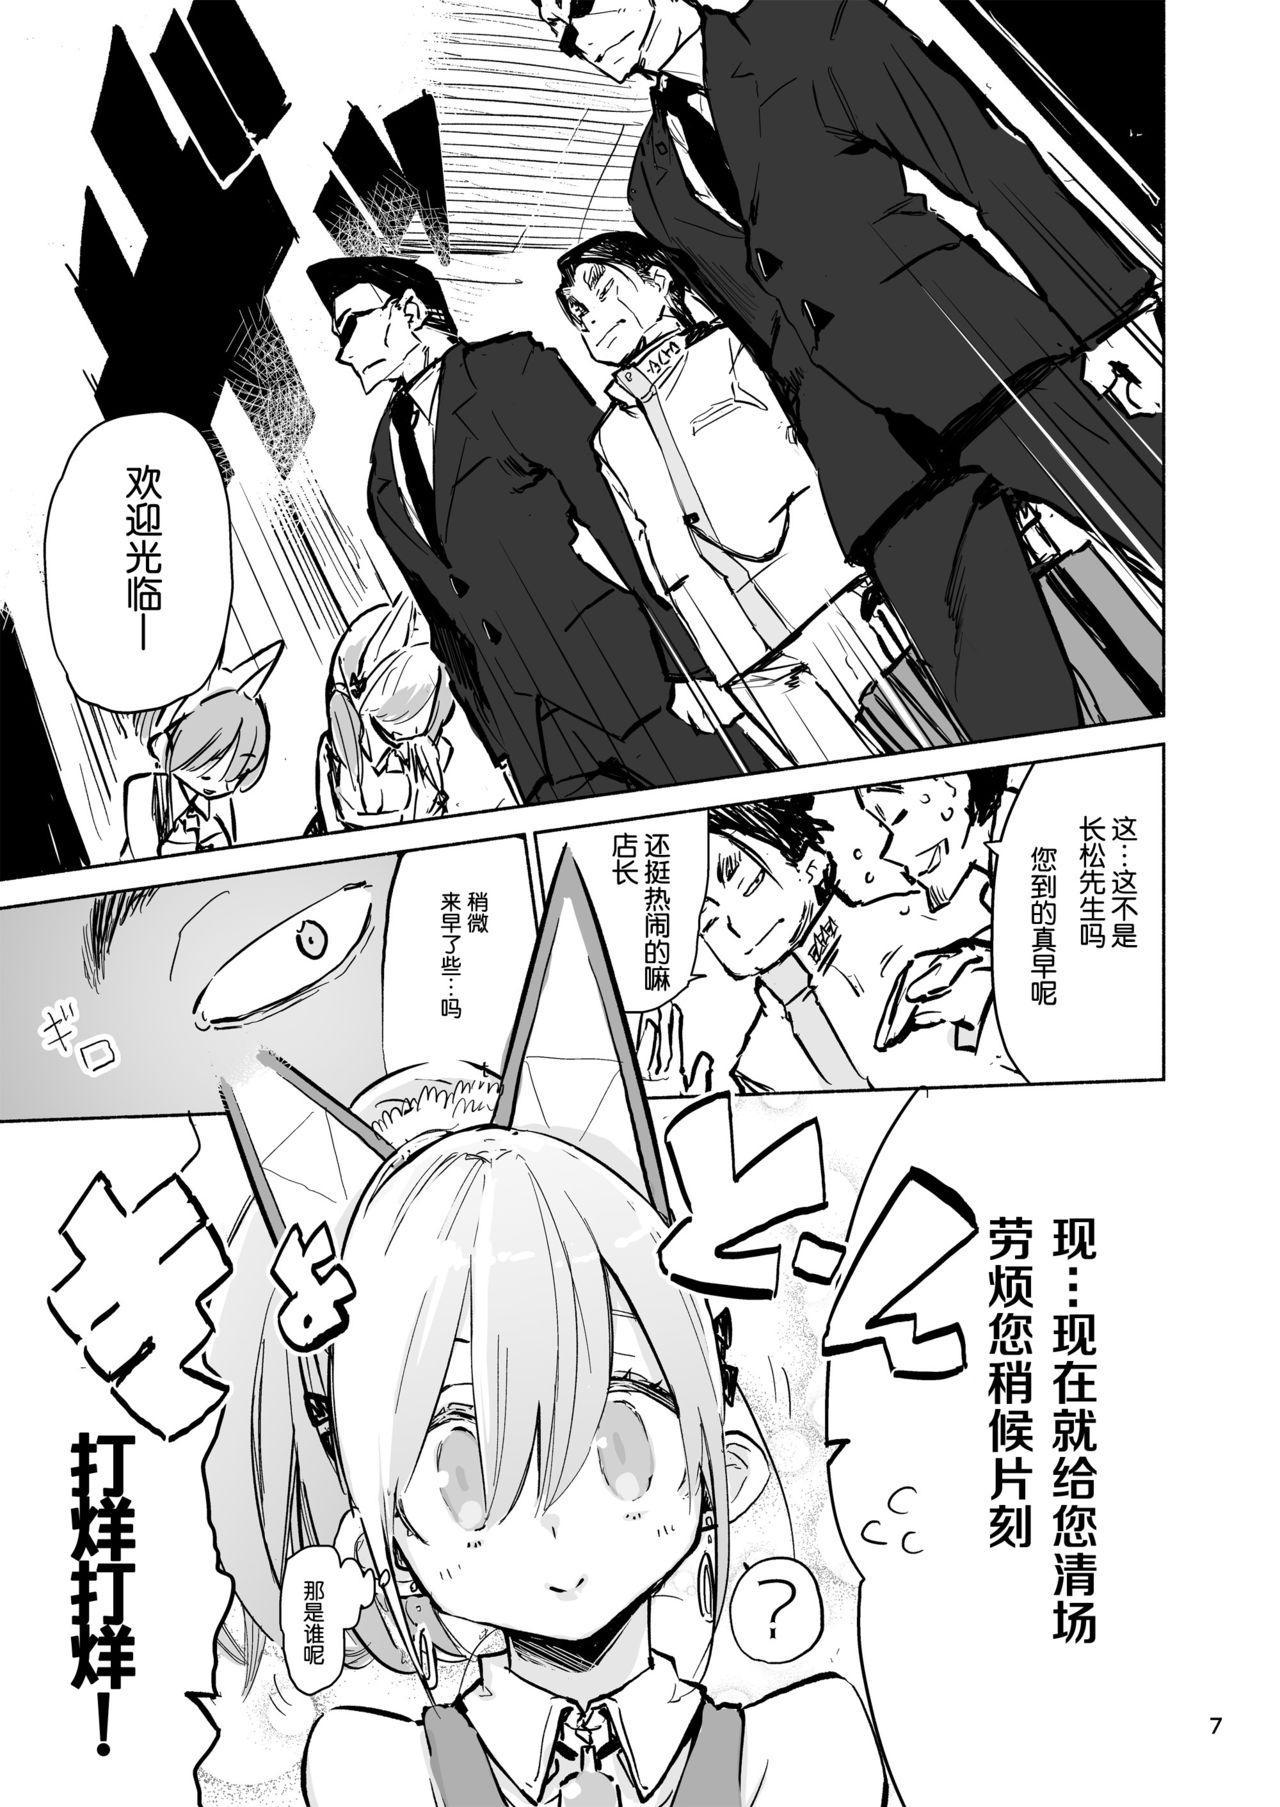 Myuka-chan wa Kotowarenai. 7